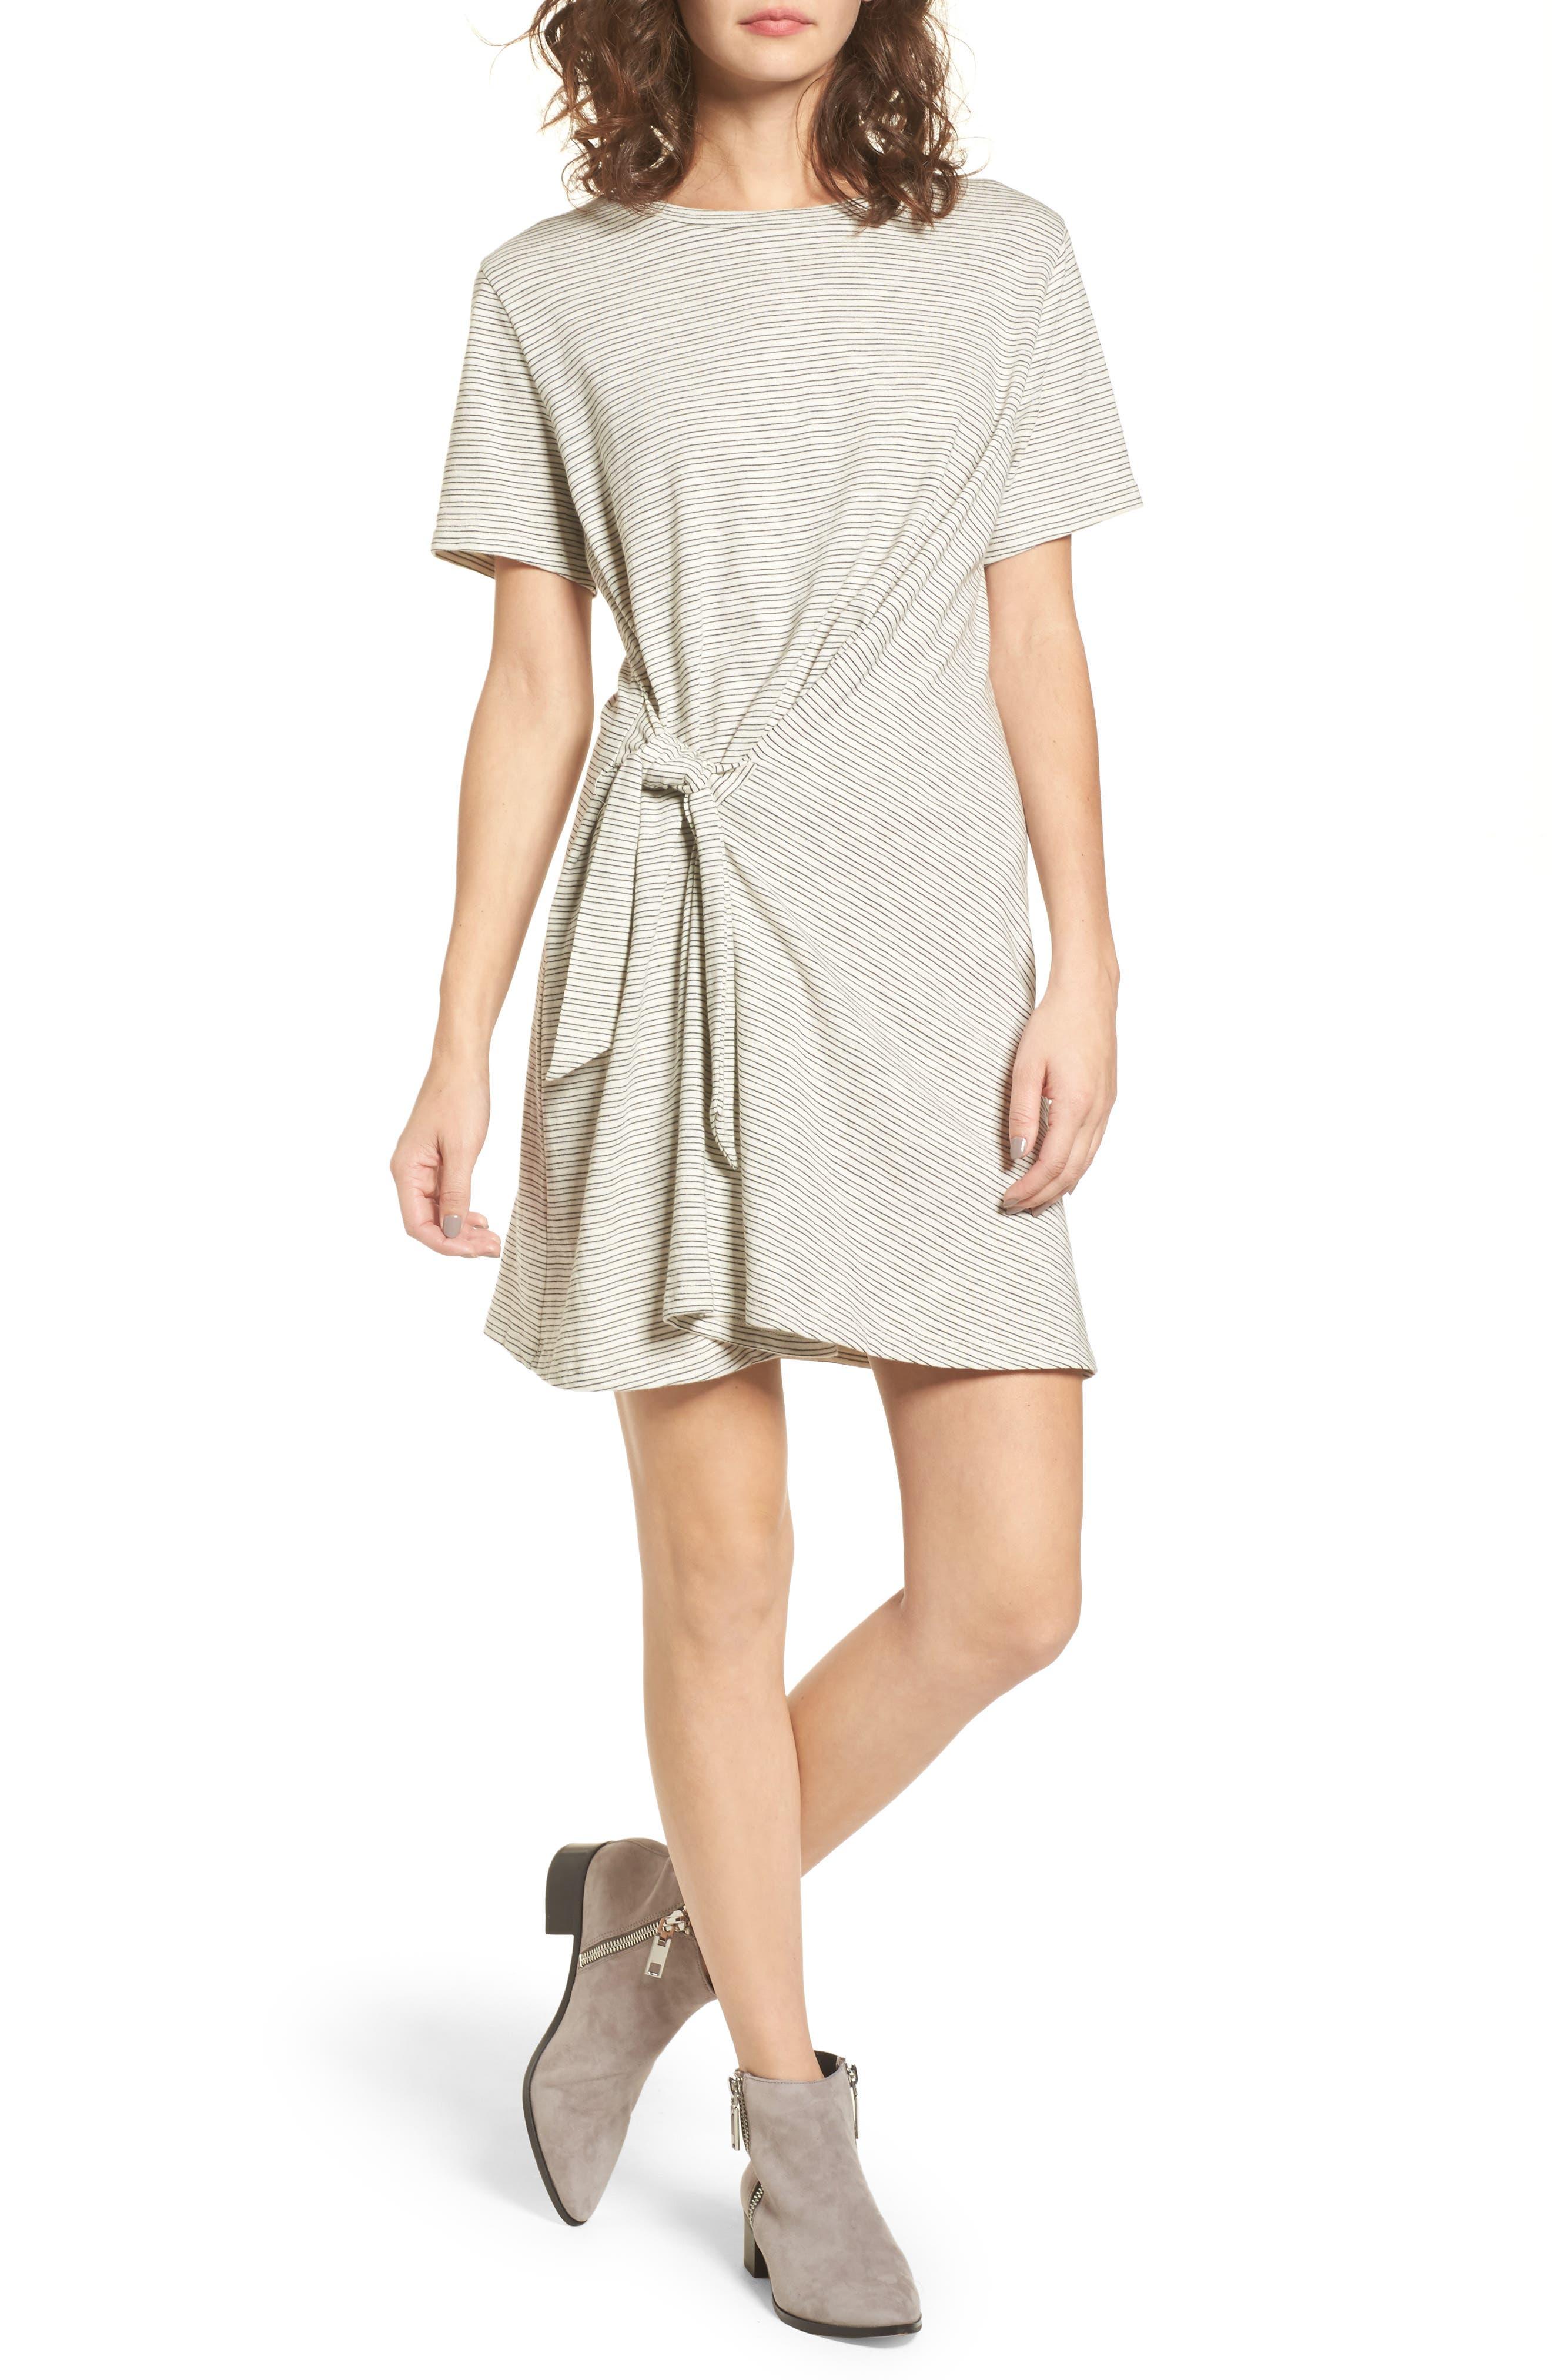 Main Image - Side Knot Tee Dress